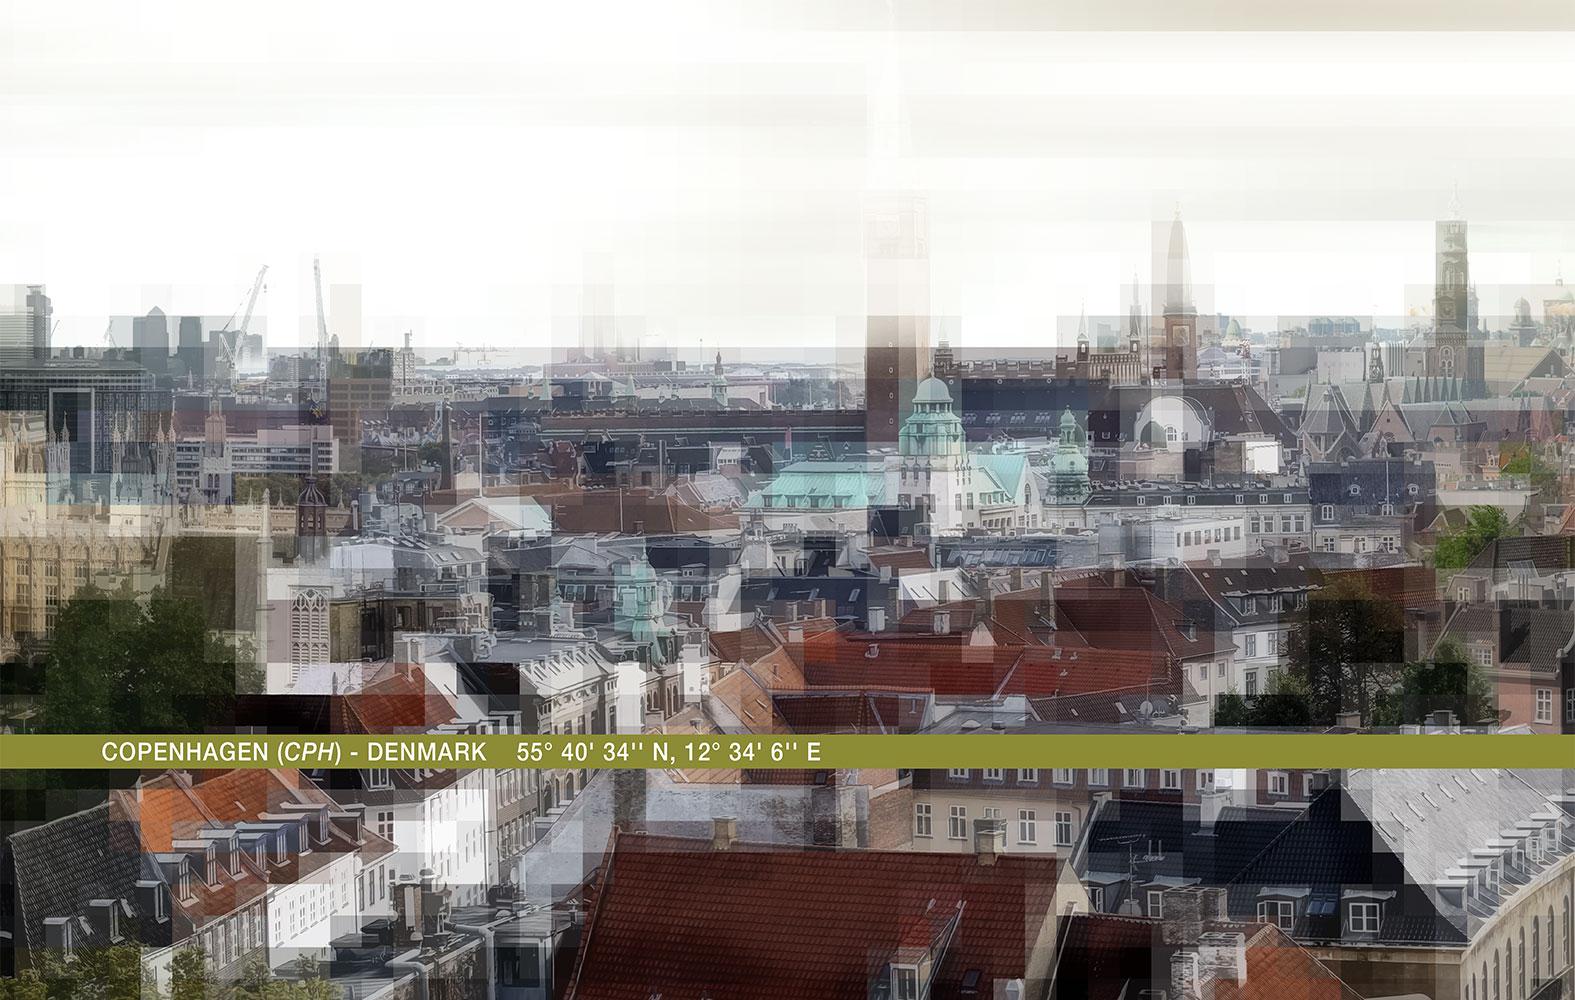 StudioErnst-HMShost-cityscapes-copenhagen